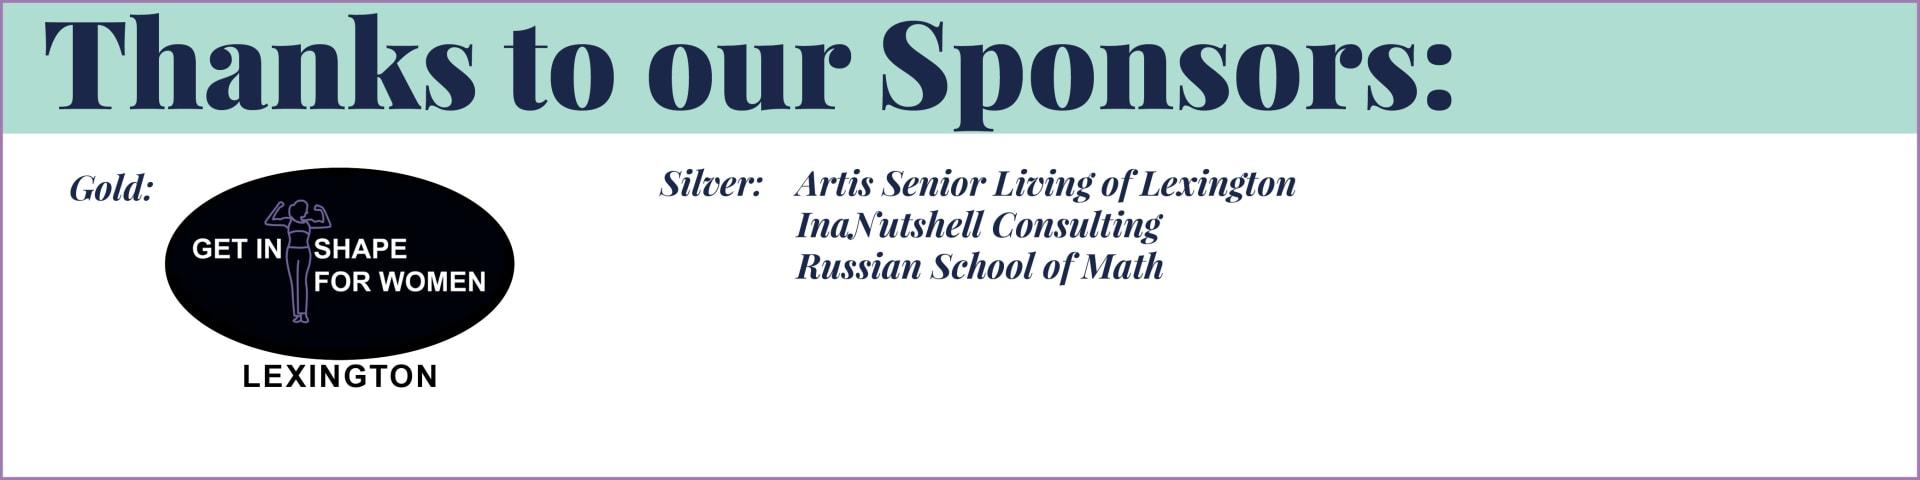 WiW-Banner-Sponsors-4.5.21-w1920.jpg